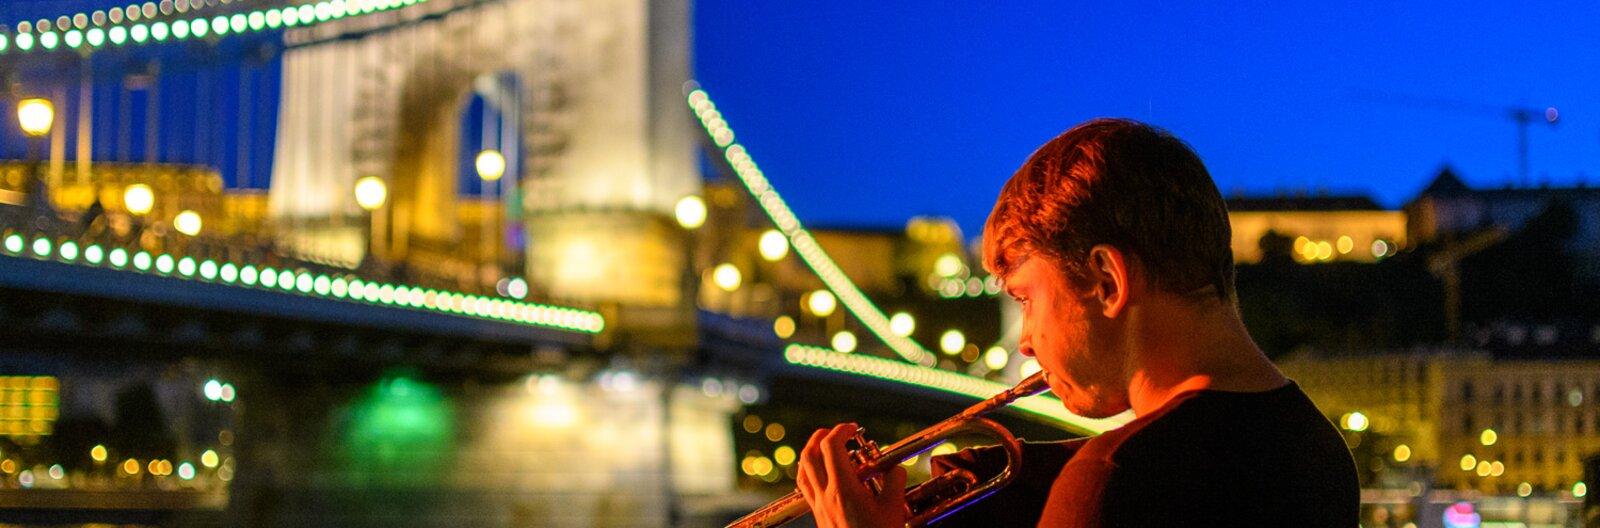 Kis éji zene – ide menj hangulatos nyári élő zenés estékért!